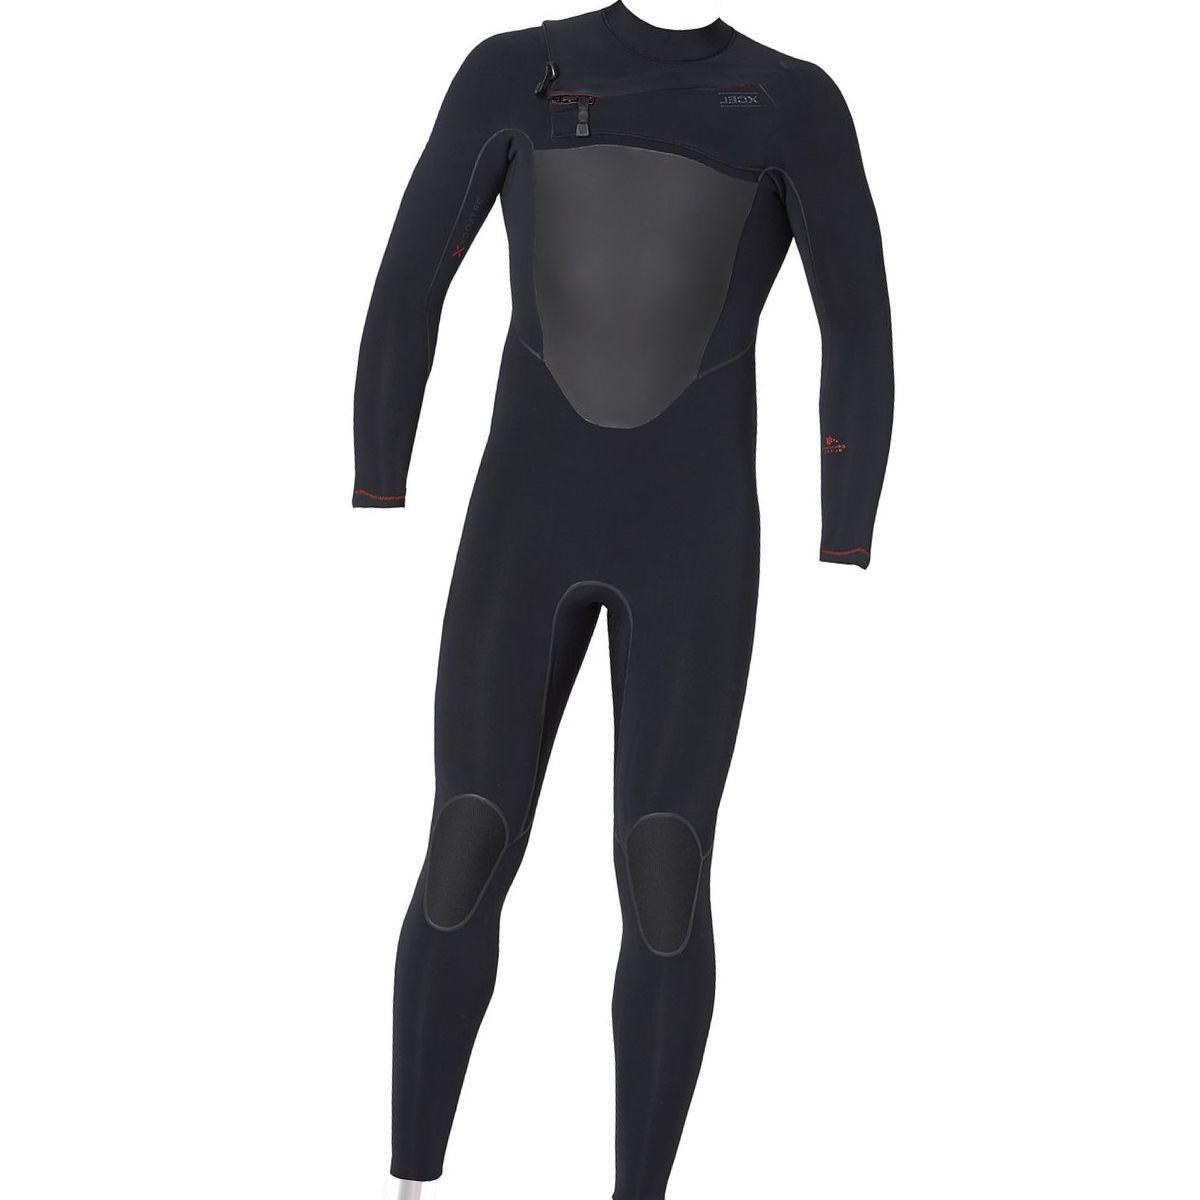 XCEL Drylock X 3/2mm Wetsuit - Men's